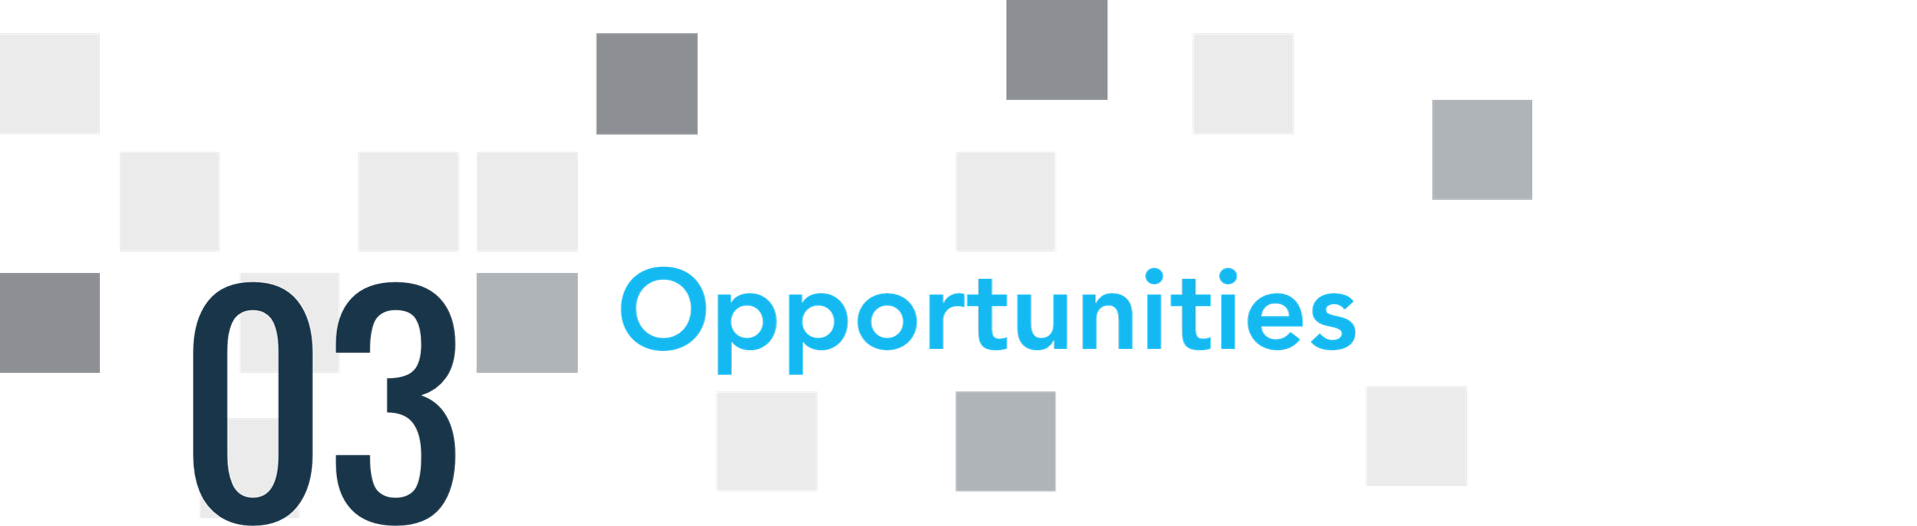 03 opportunities